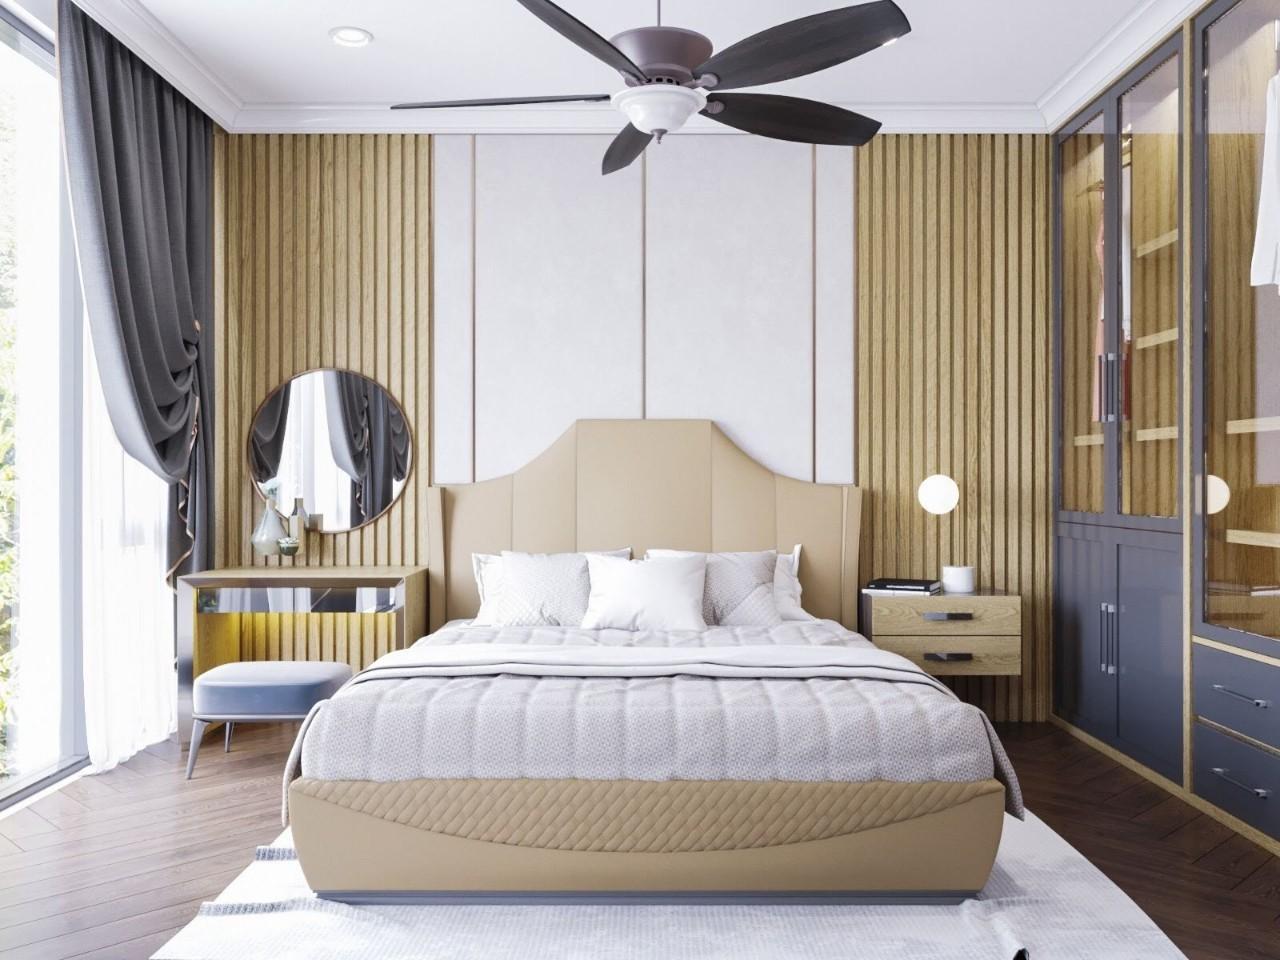 Gu thẩm mỹ ấn tượng cho phòng ngủ chung cư cao cấp hiện đại